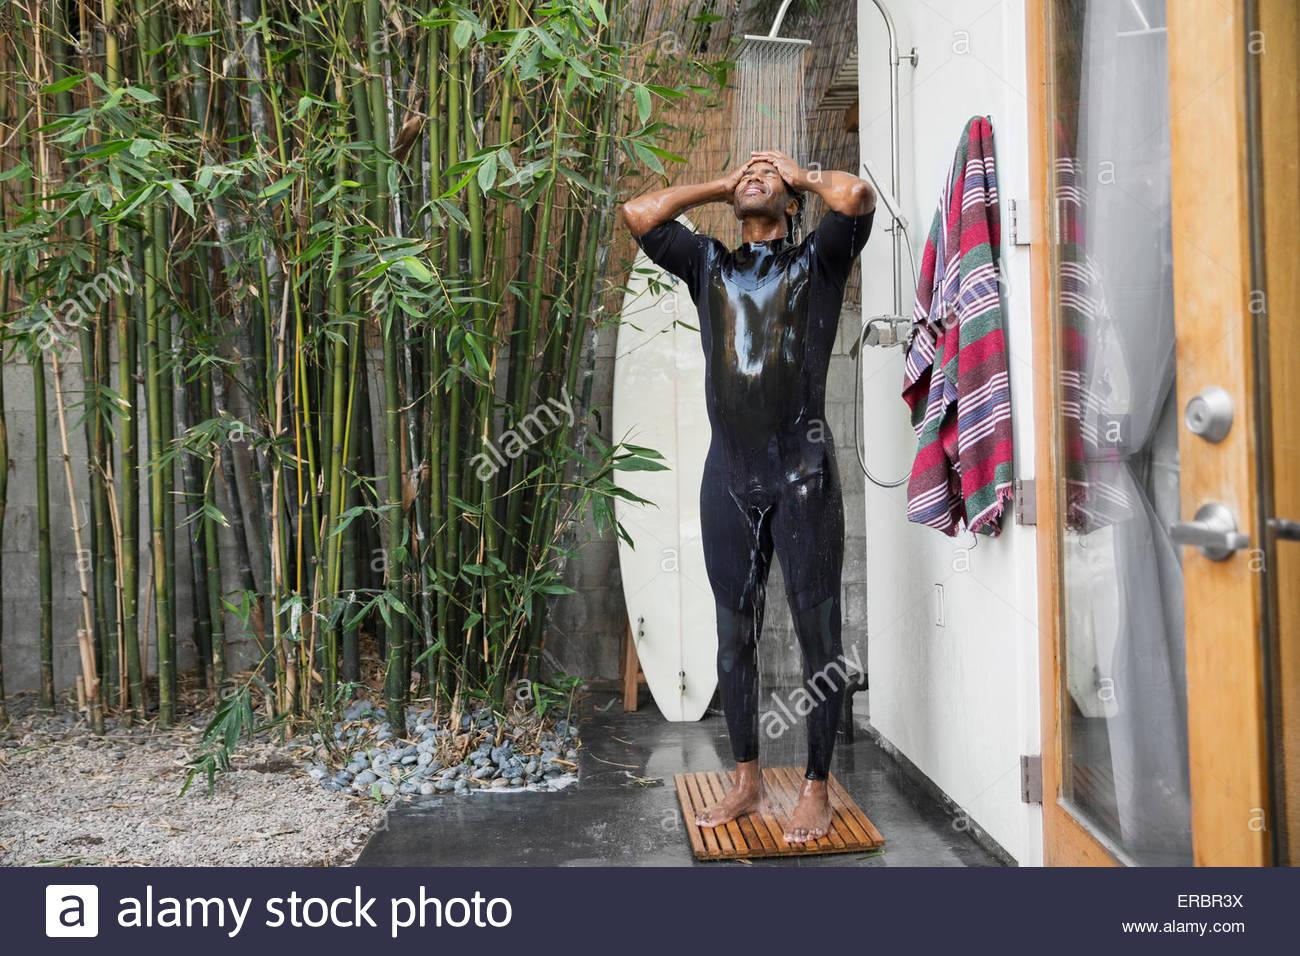 Man in wet suit surfboard using outdoor shower - Stock Image